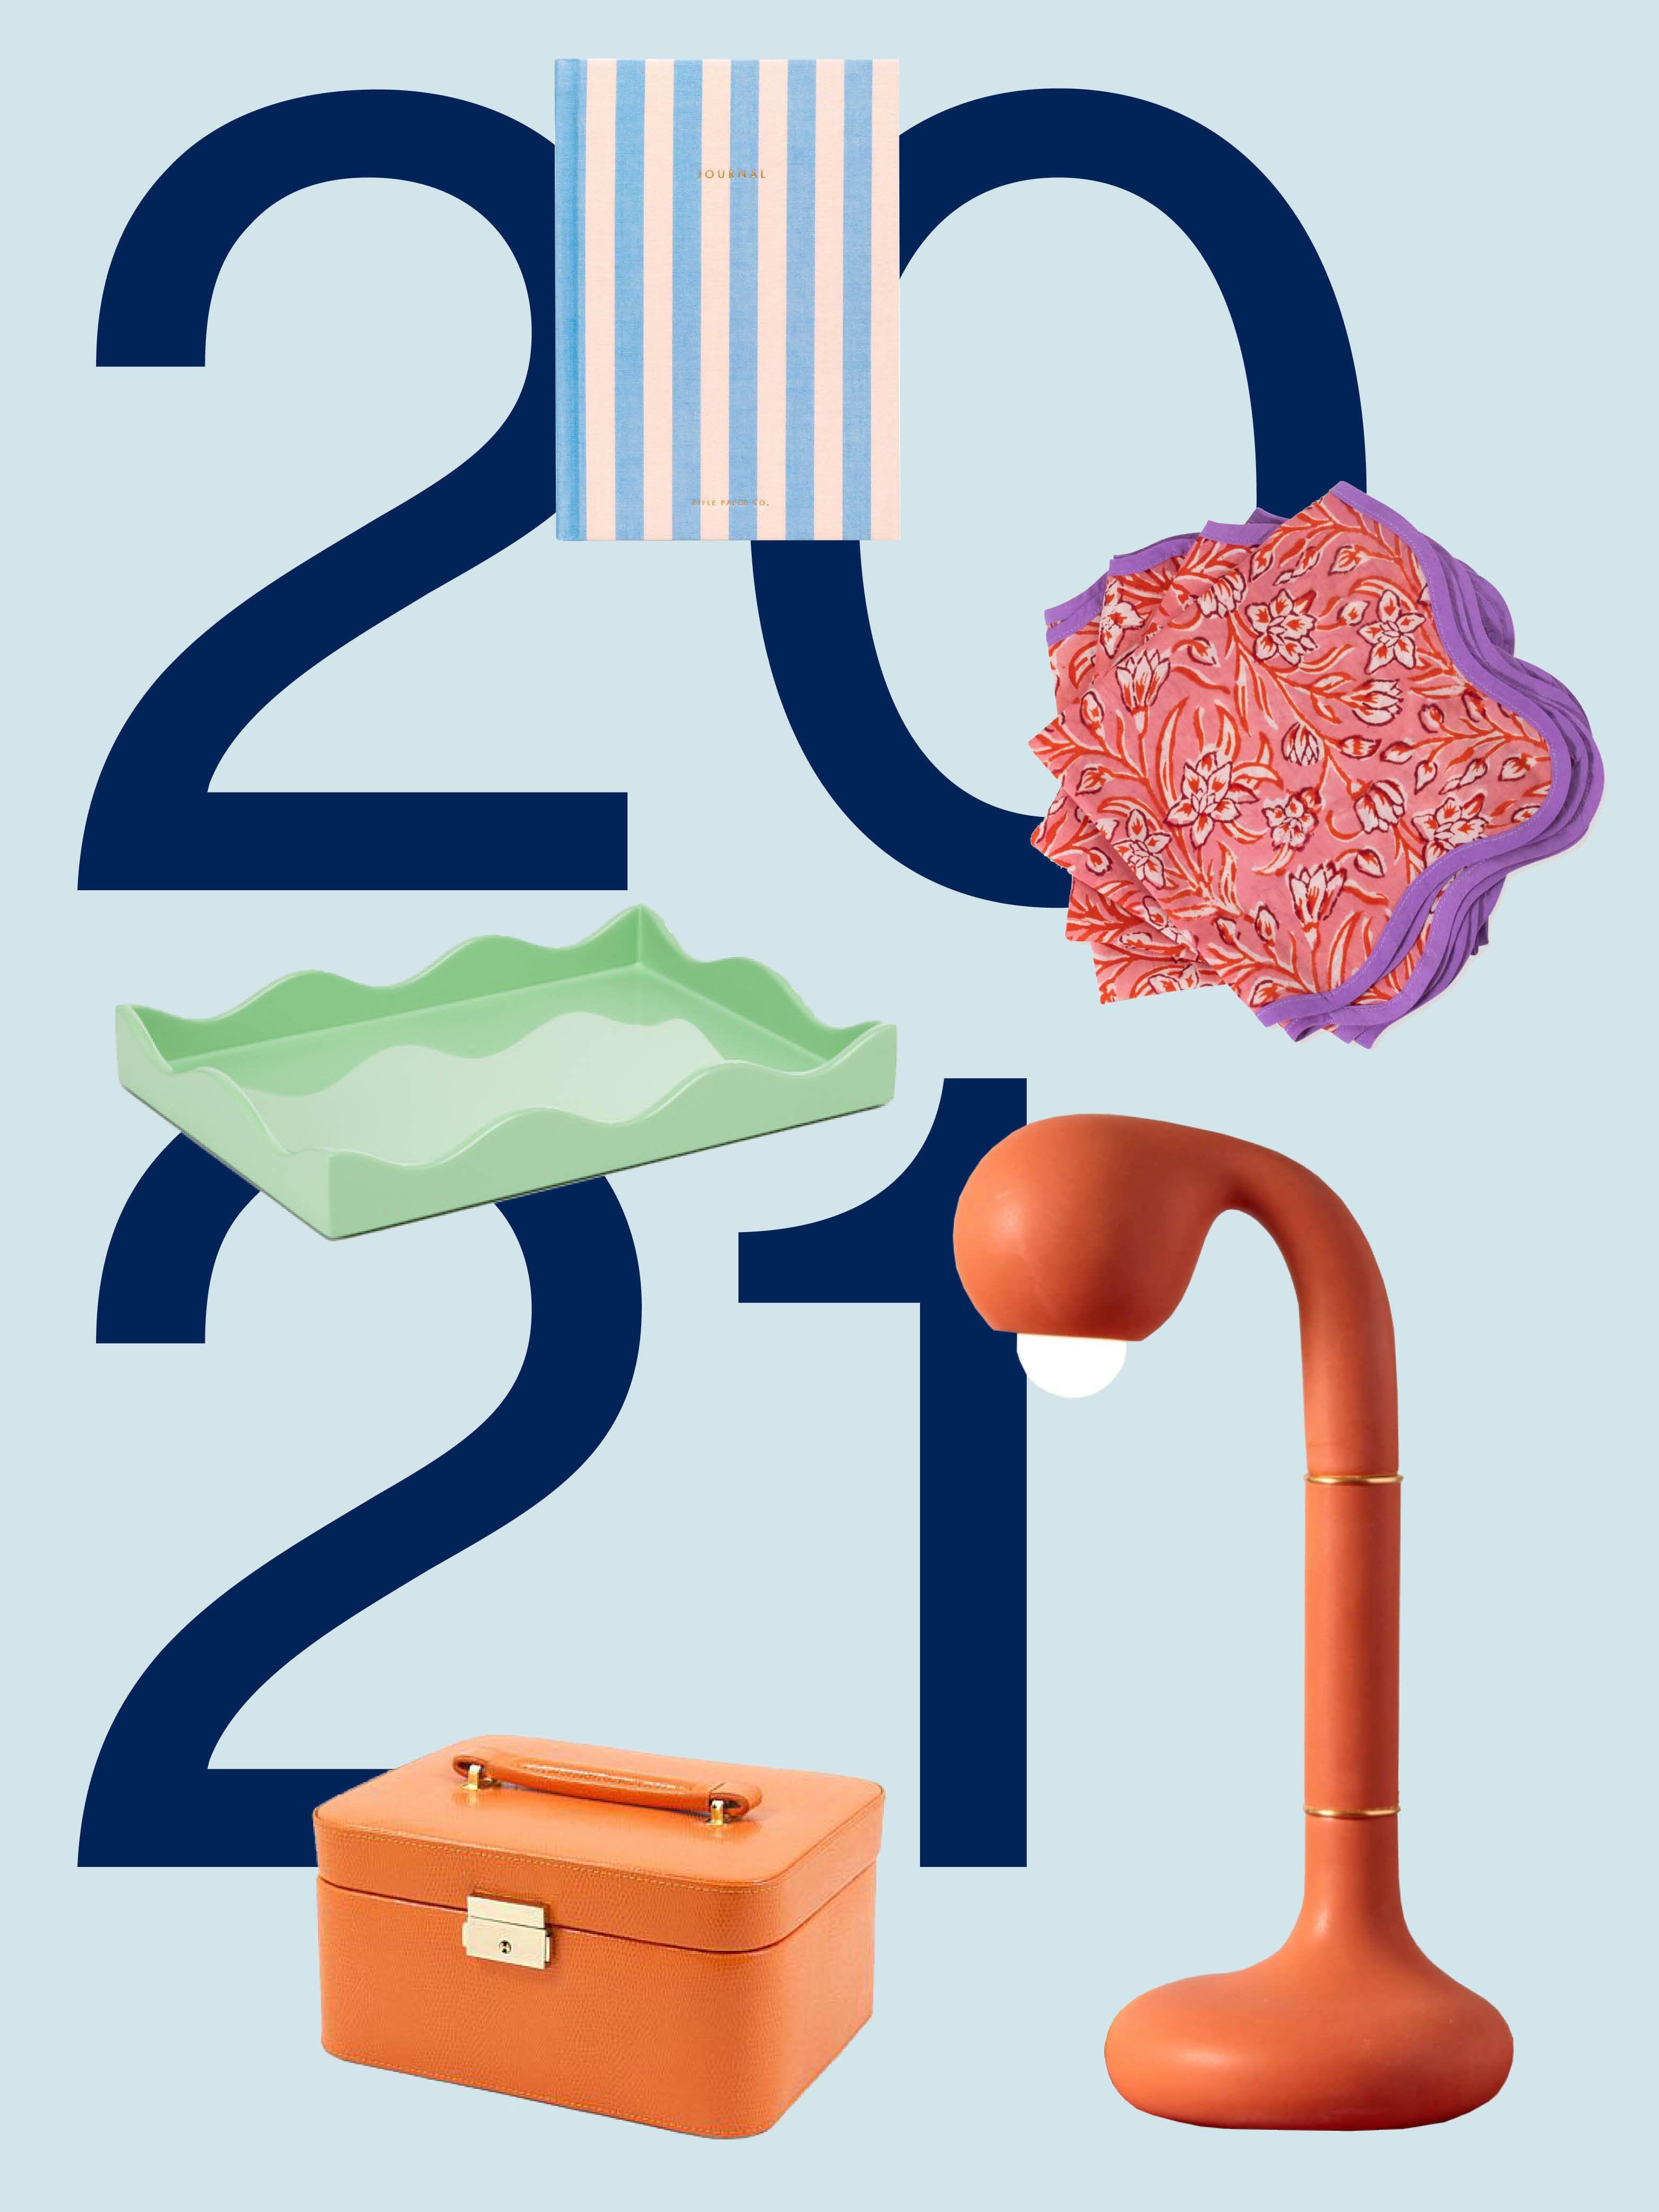 zodiac-2021-domino-shopping-web